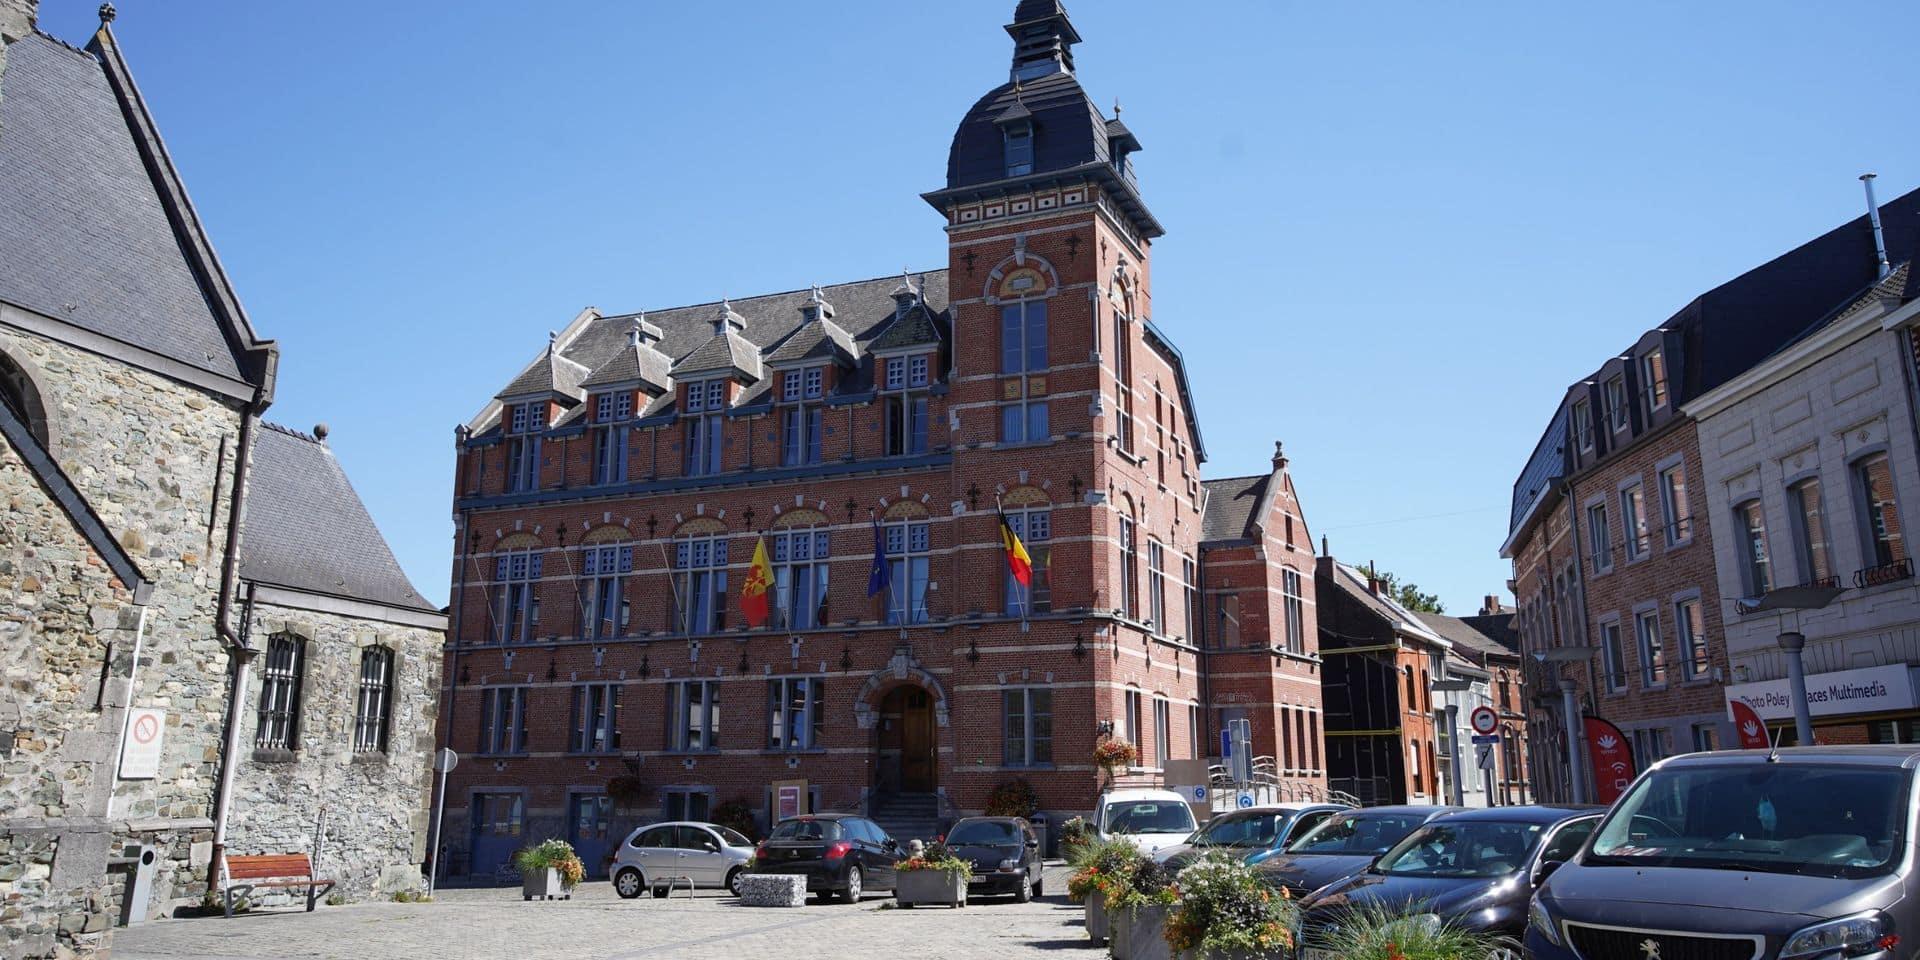 Le collège communal de Tubize ne touche pas à l'impôt: l'opposition dénonce